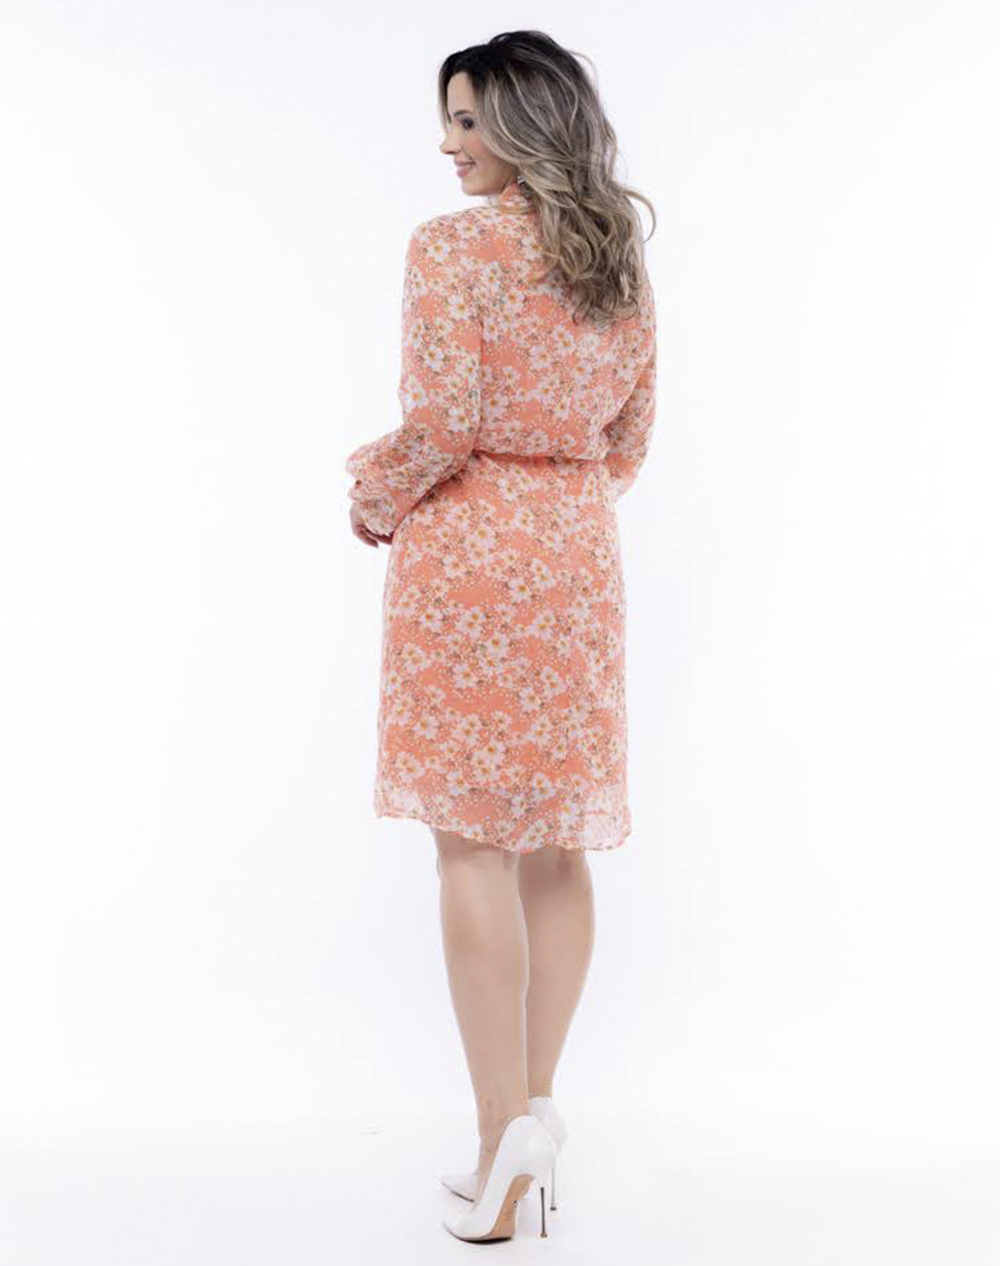 vestido em crepe floral, modelagem em A